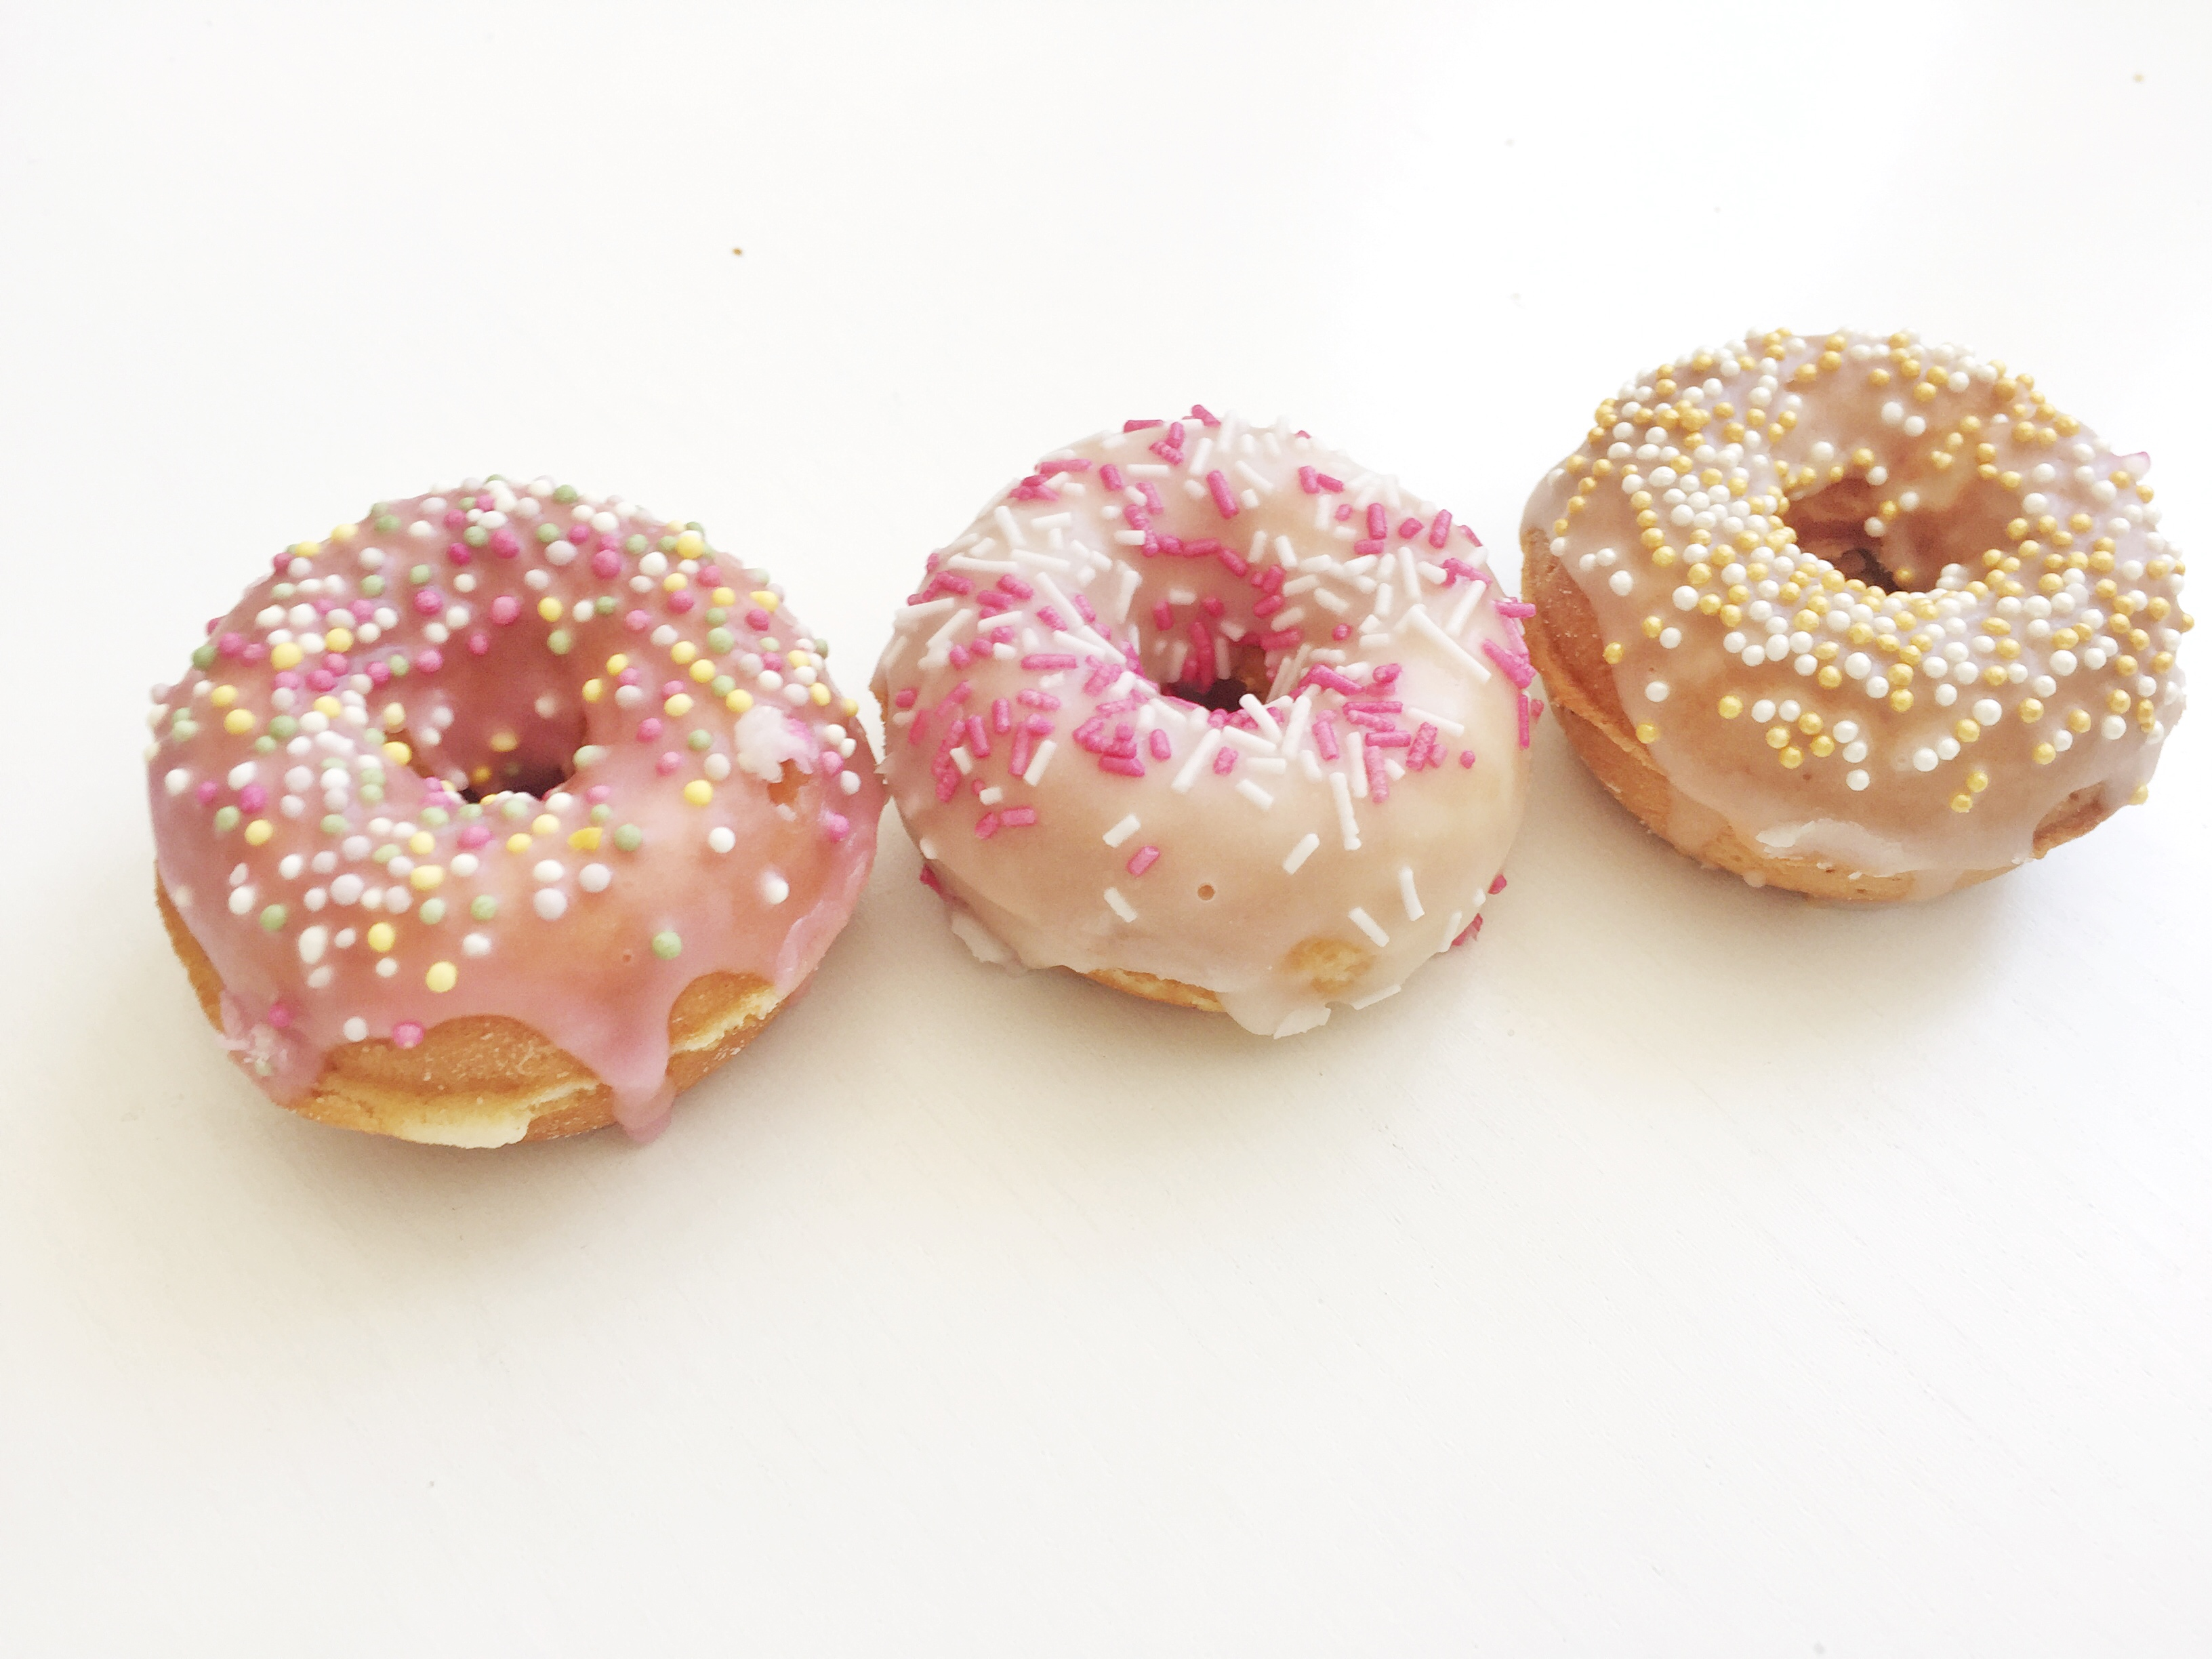 hur gör man donuts